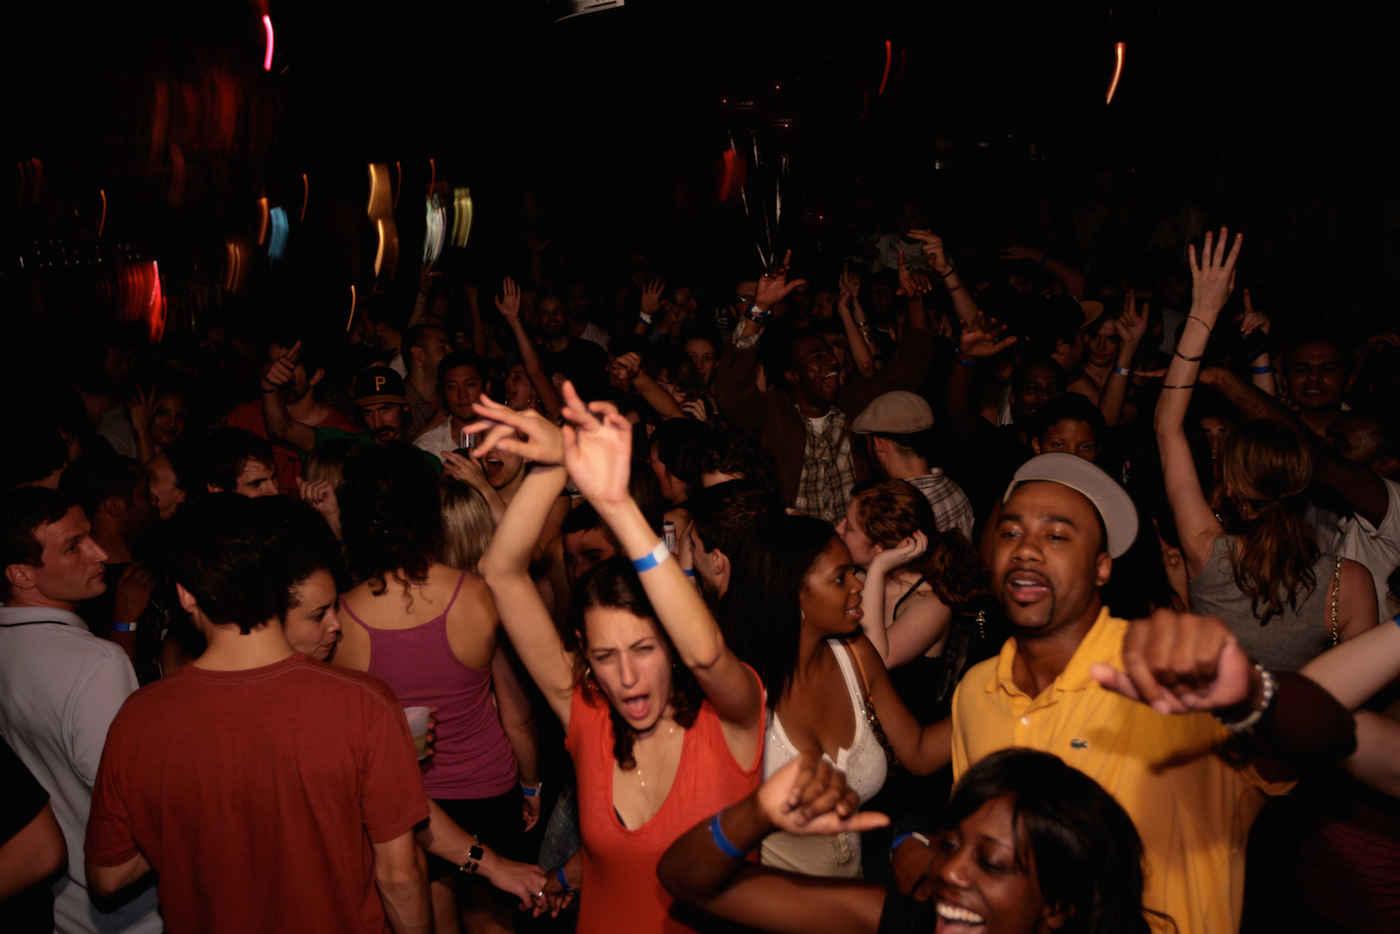 Фото свингерских вечеринок в россии частные, Фотографии Swing Свинг Свингеры Знакомства Sexwife 12 фотография